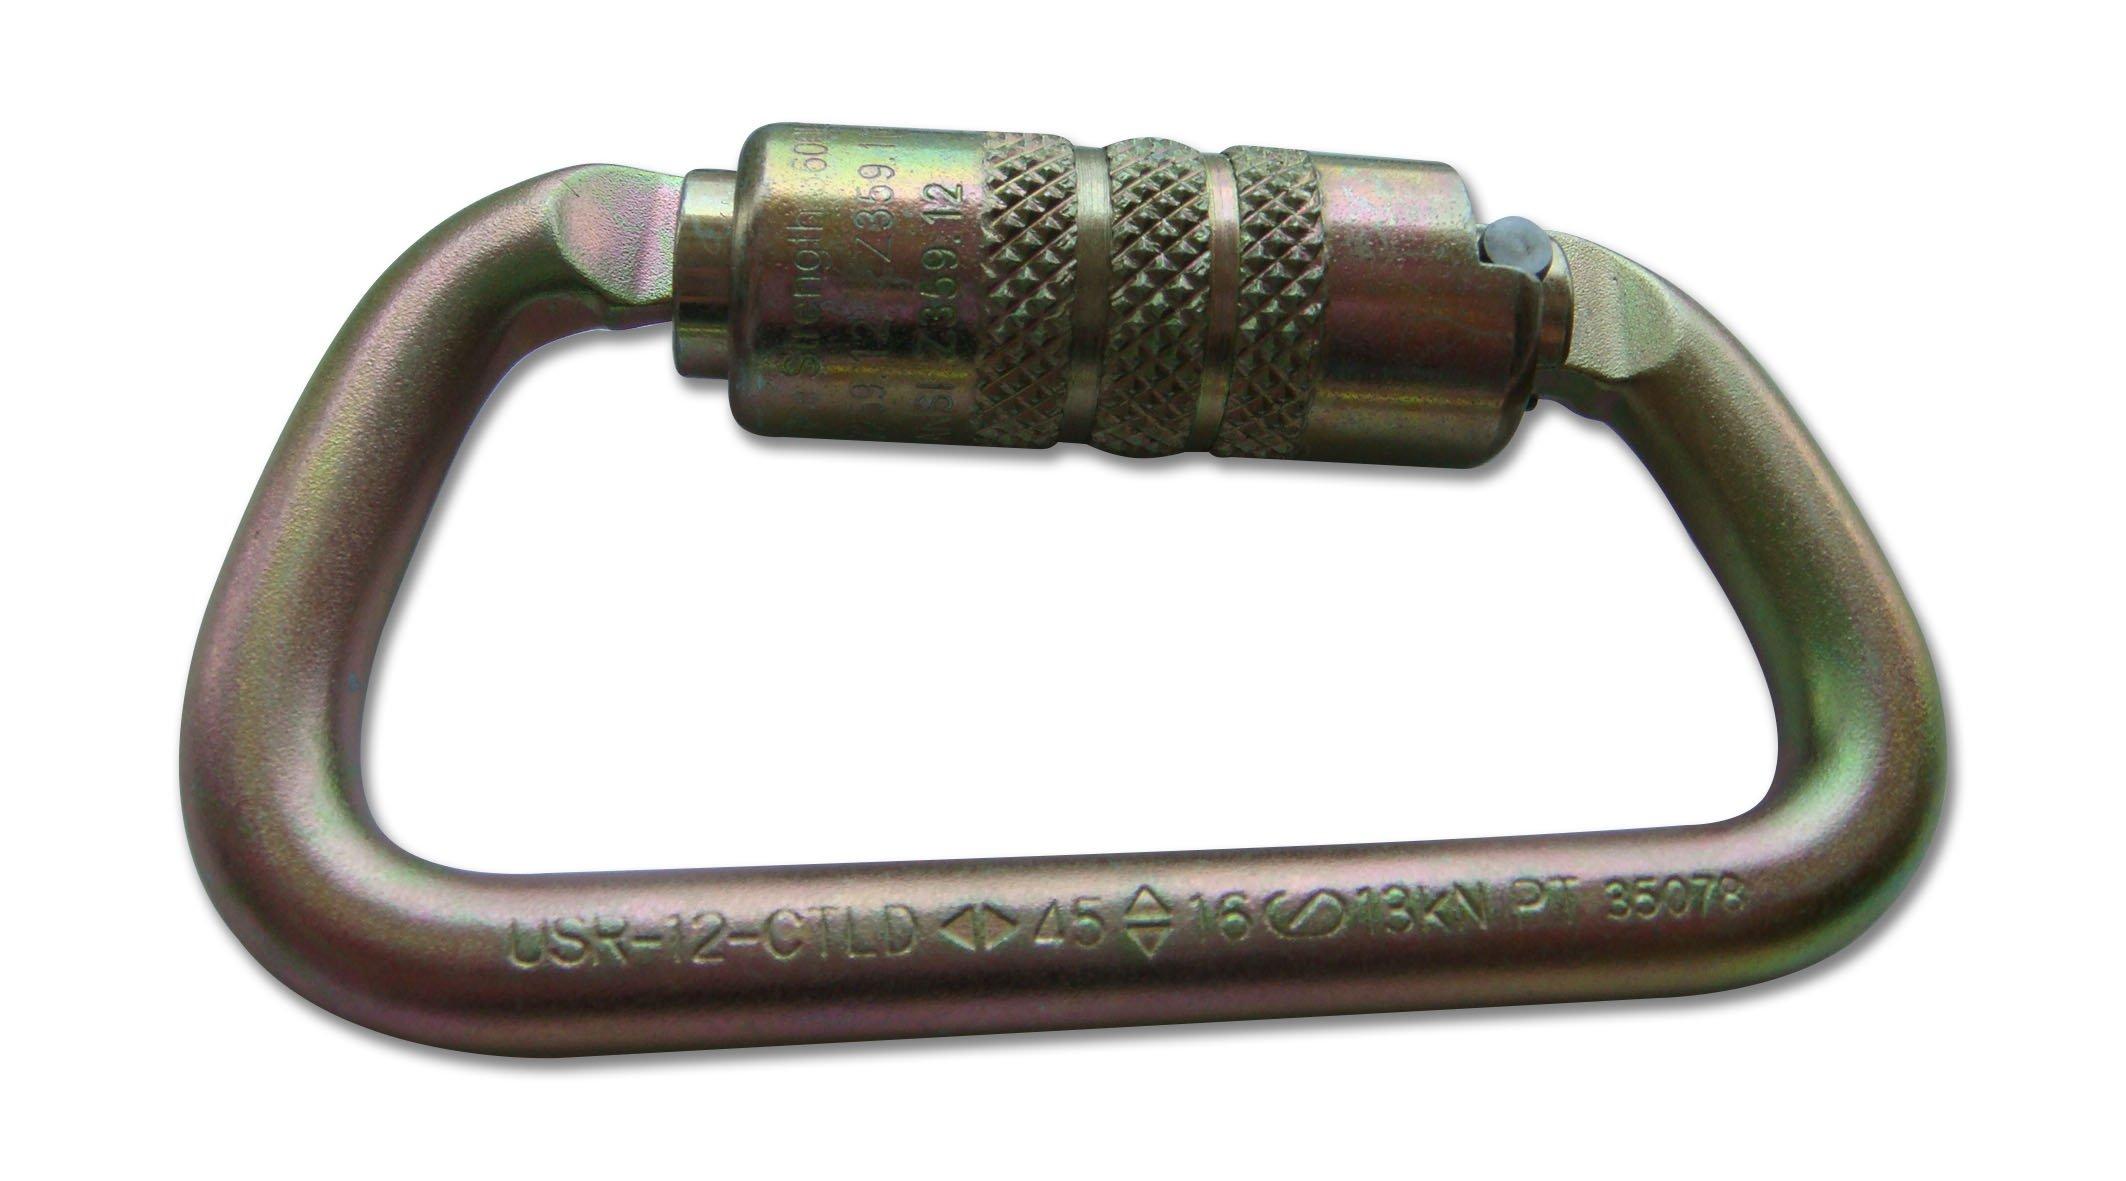 ProClimb USR-12-CTLD Twist Lock Equal D Steel Carabiner, 104 mm x 56 mm